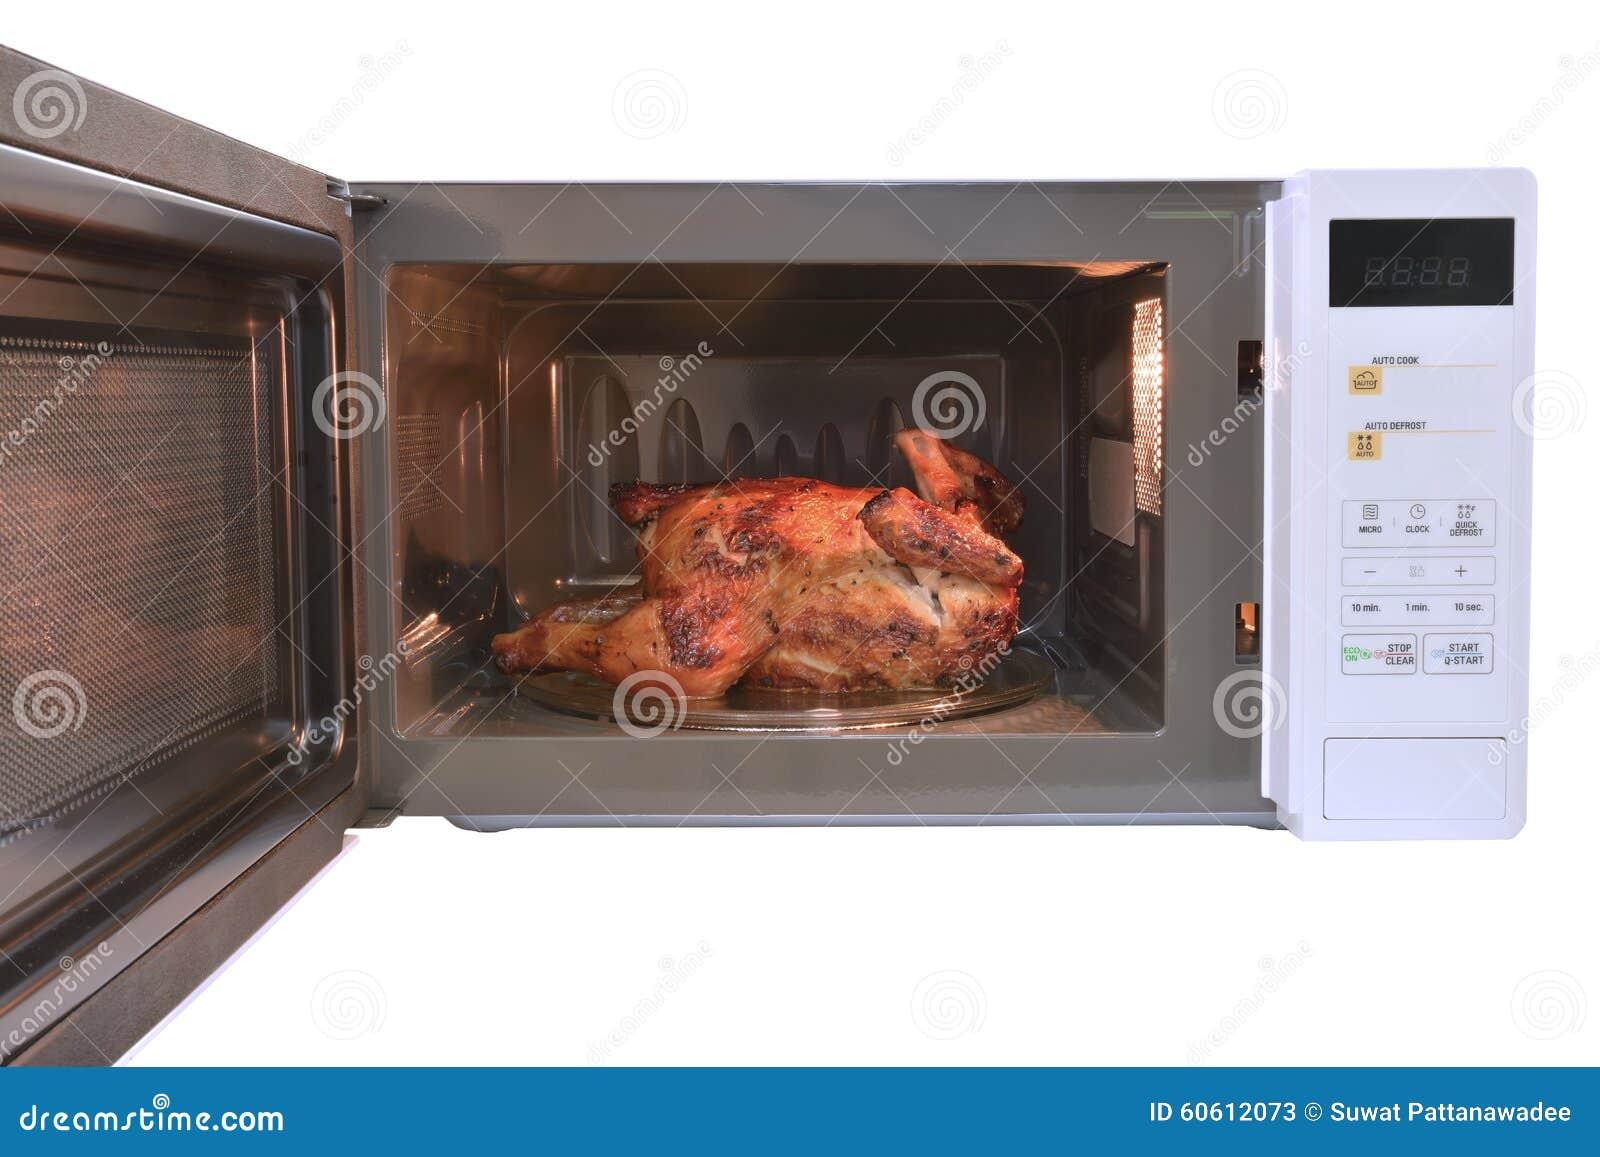 Il forno a microonde pollo arrostito caldo con pepe nero - Forno multifunzione con microonde ...